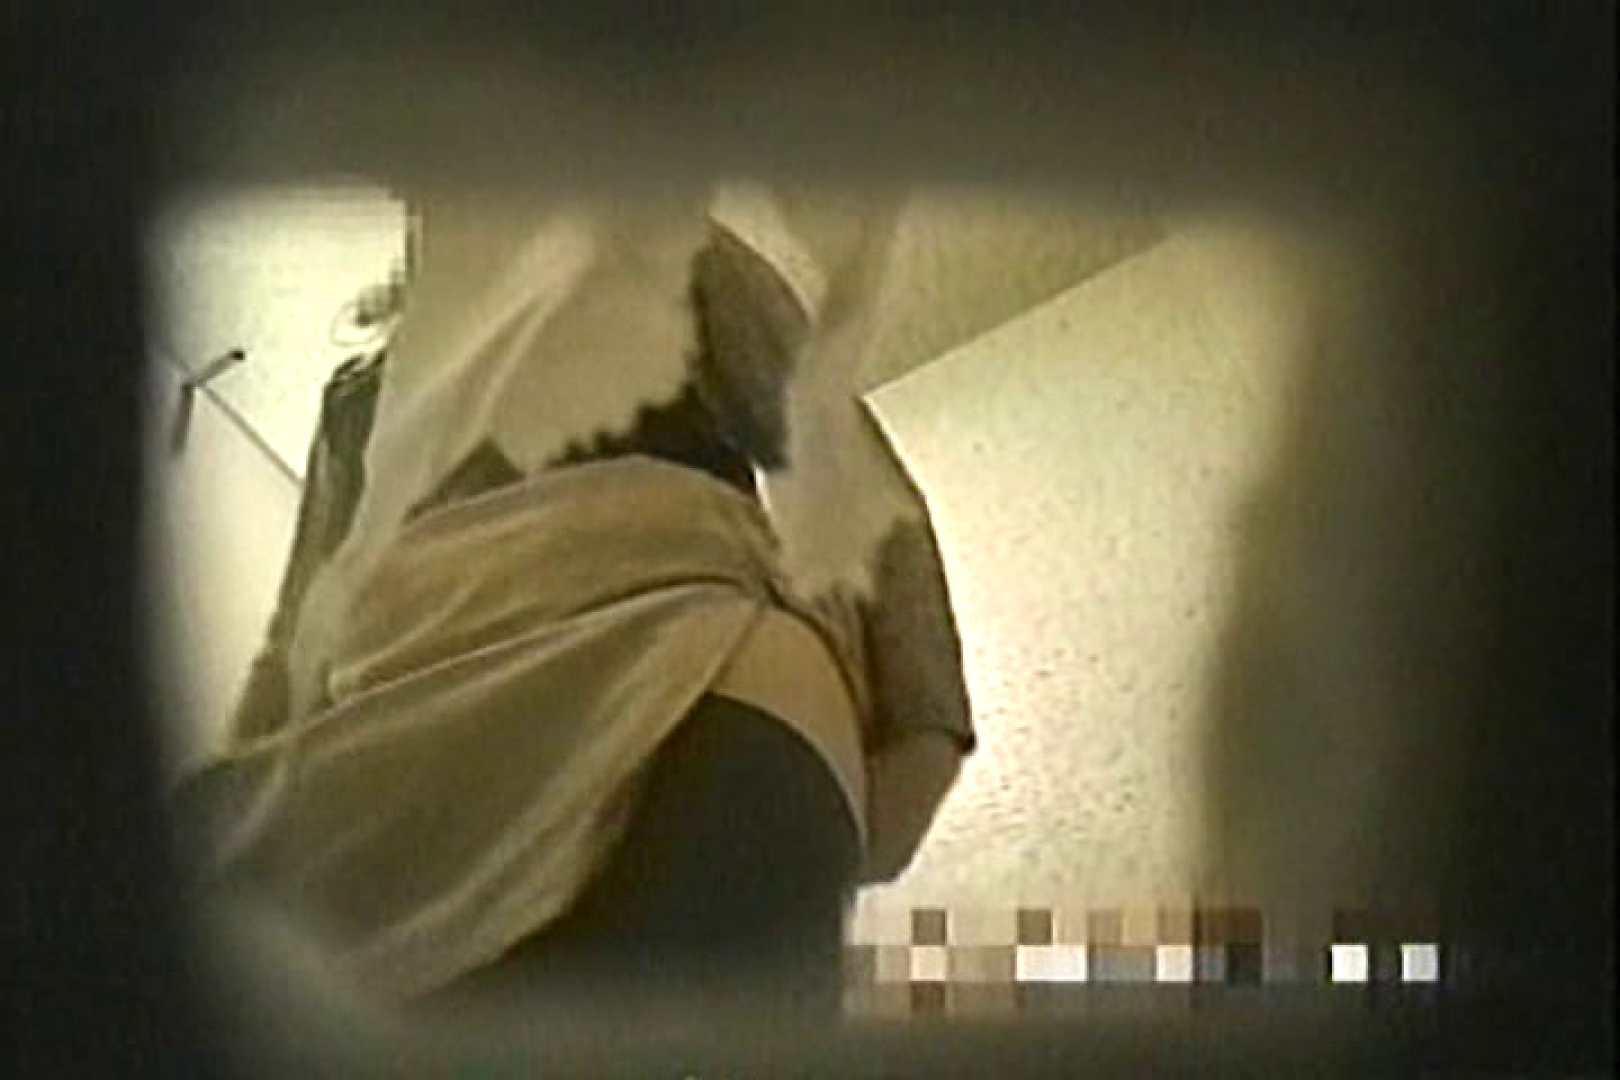 女子洗面所盗撮 今度の2カメは若い子だらけ  TK-127 S級美女ギャル AV無料 91画像 72